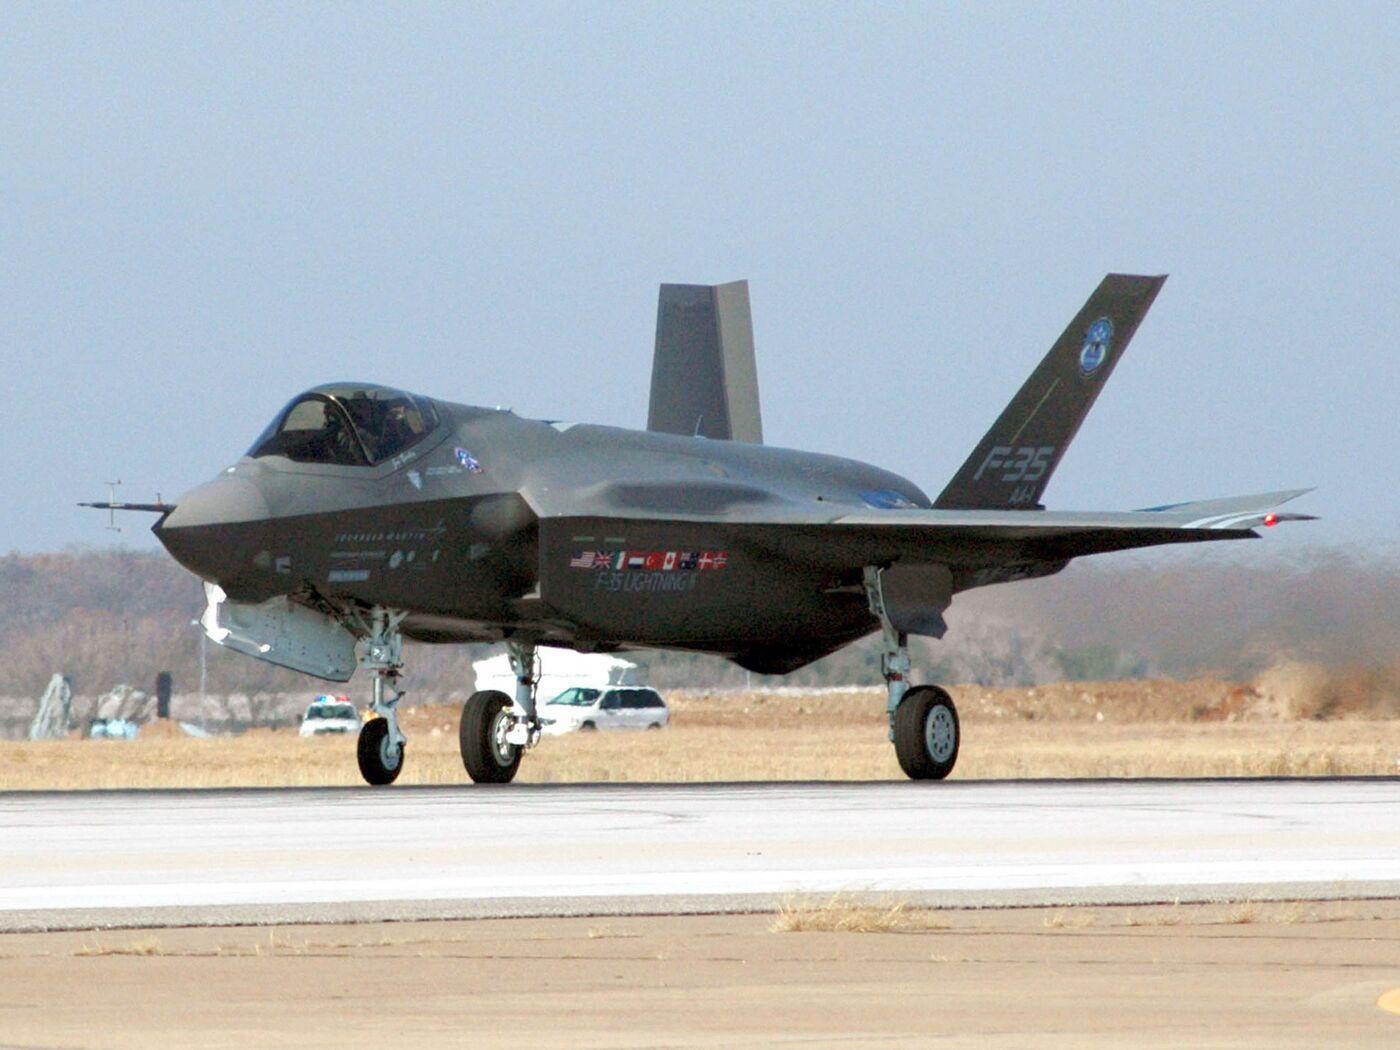 Обои F-35, Самолет 5 поколения, истребитель пятого поколения. Авиация foto 19